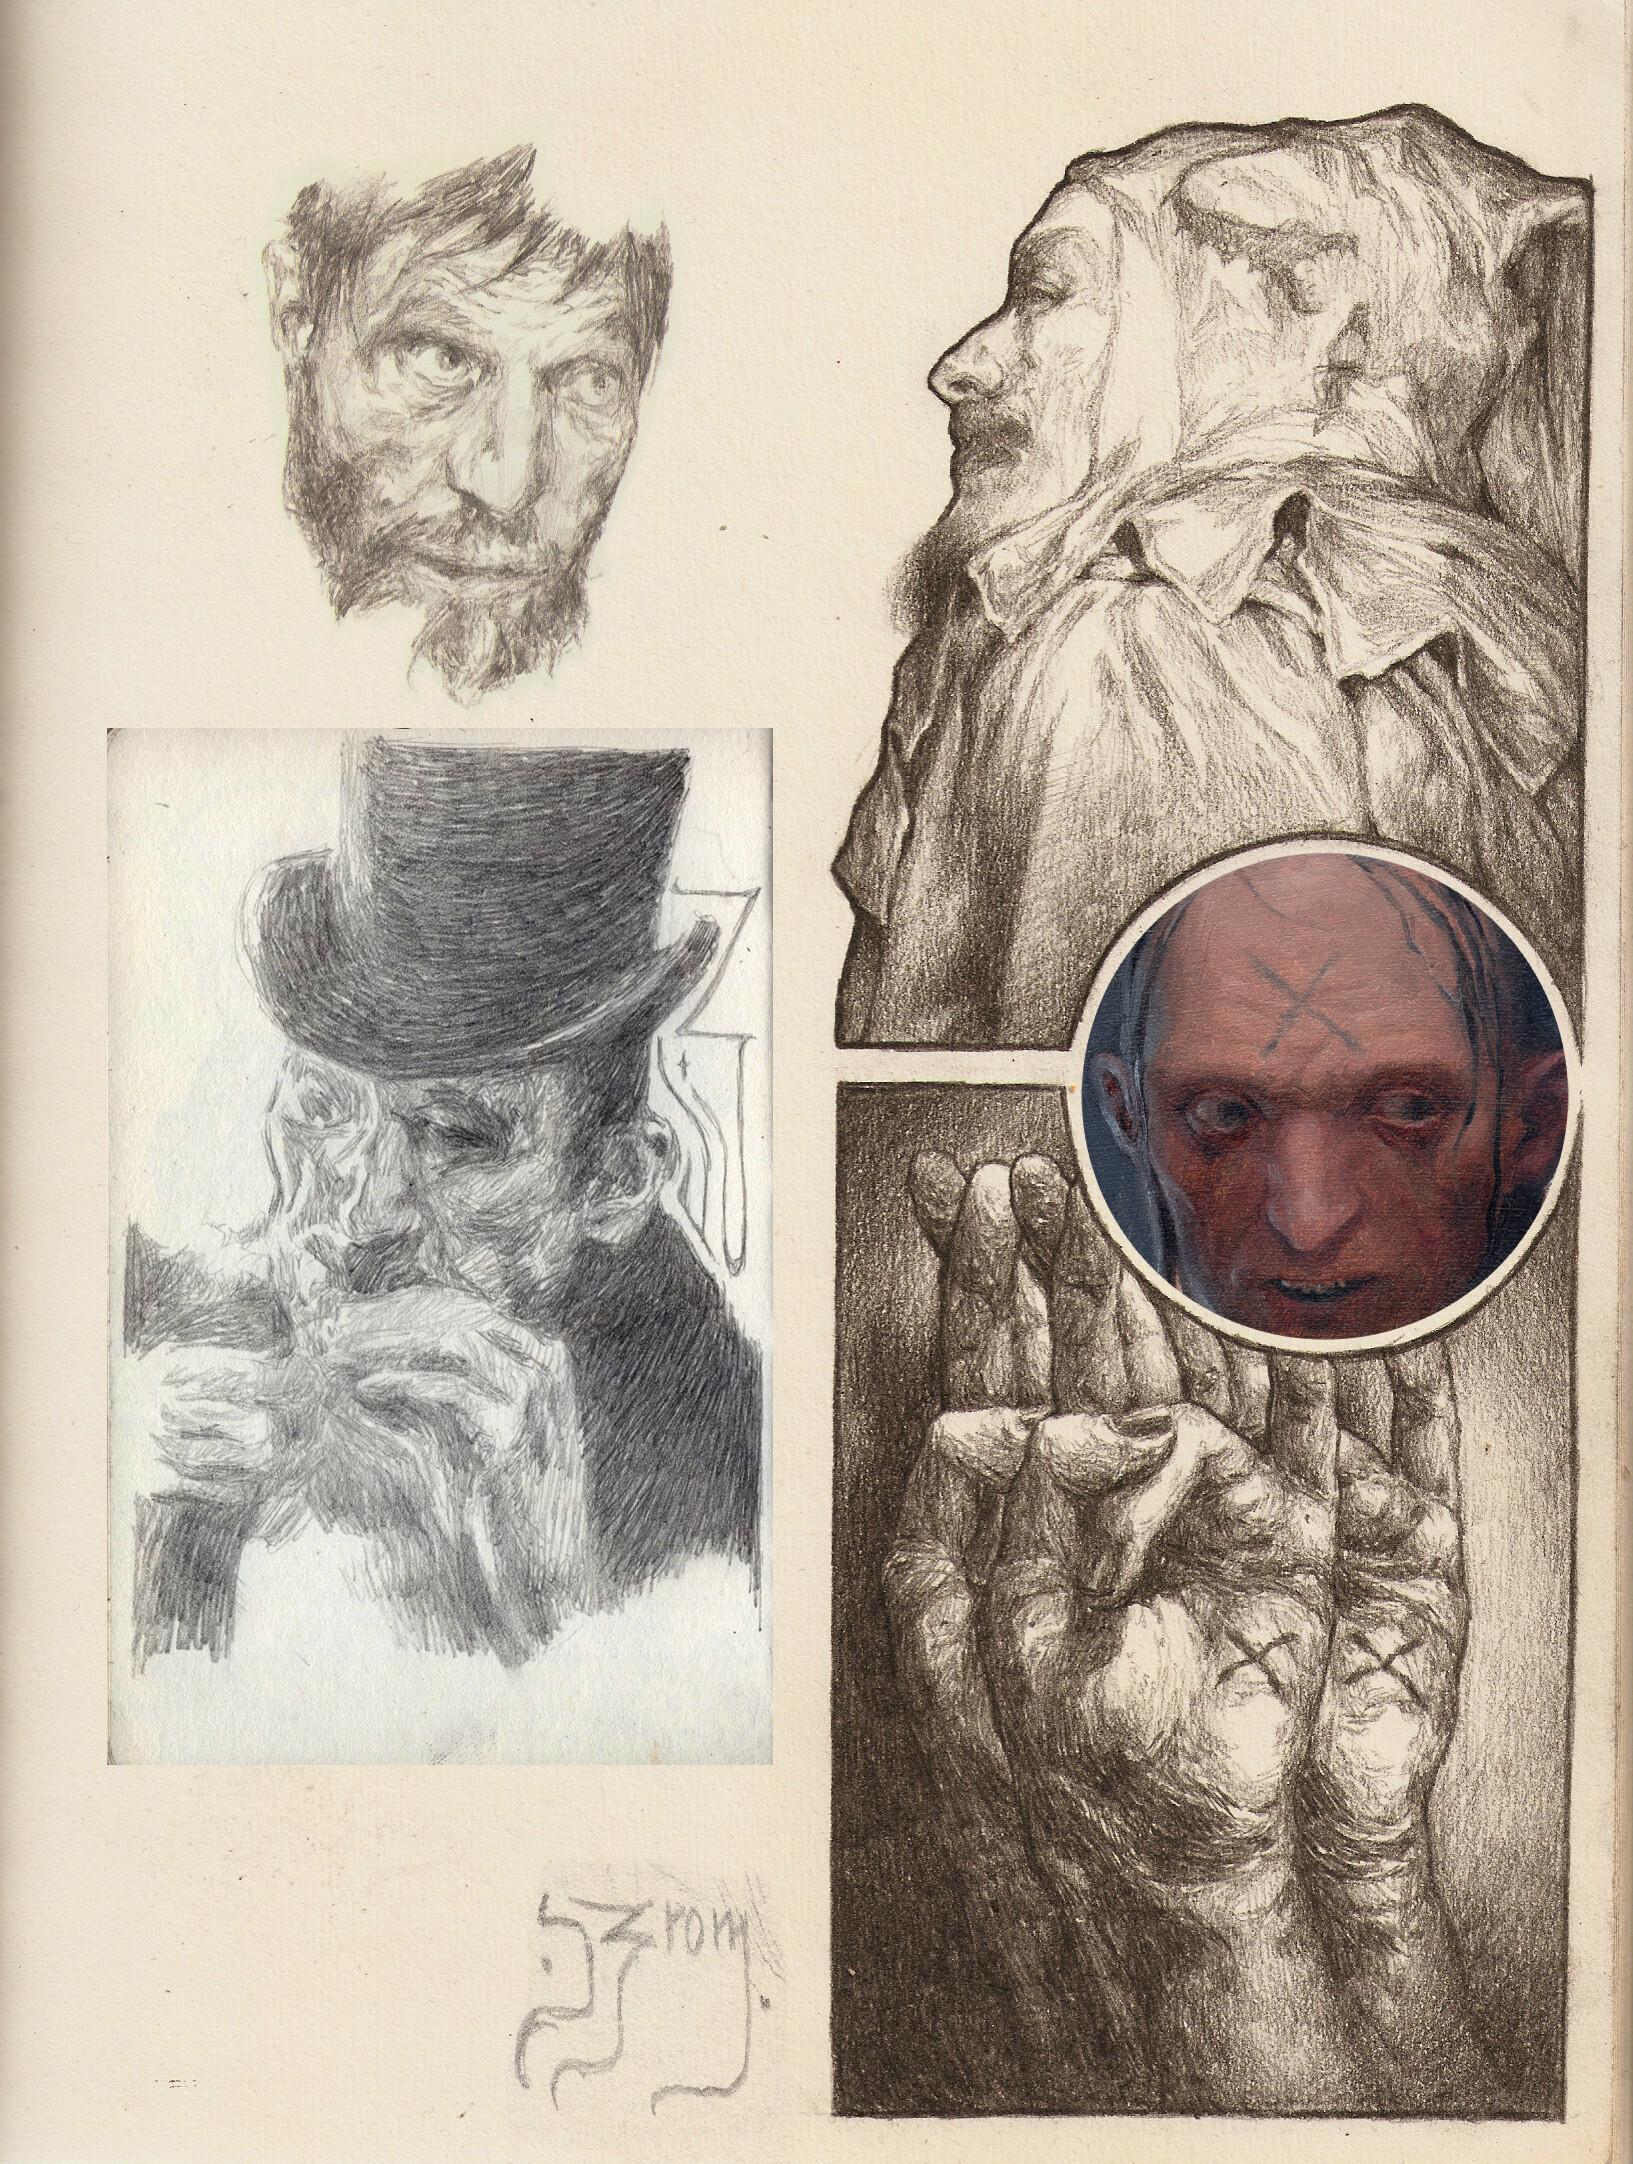 Daniel zrom danielzrom sketchbook6